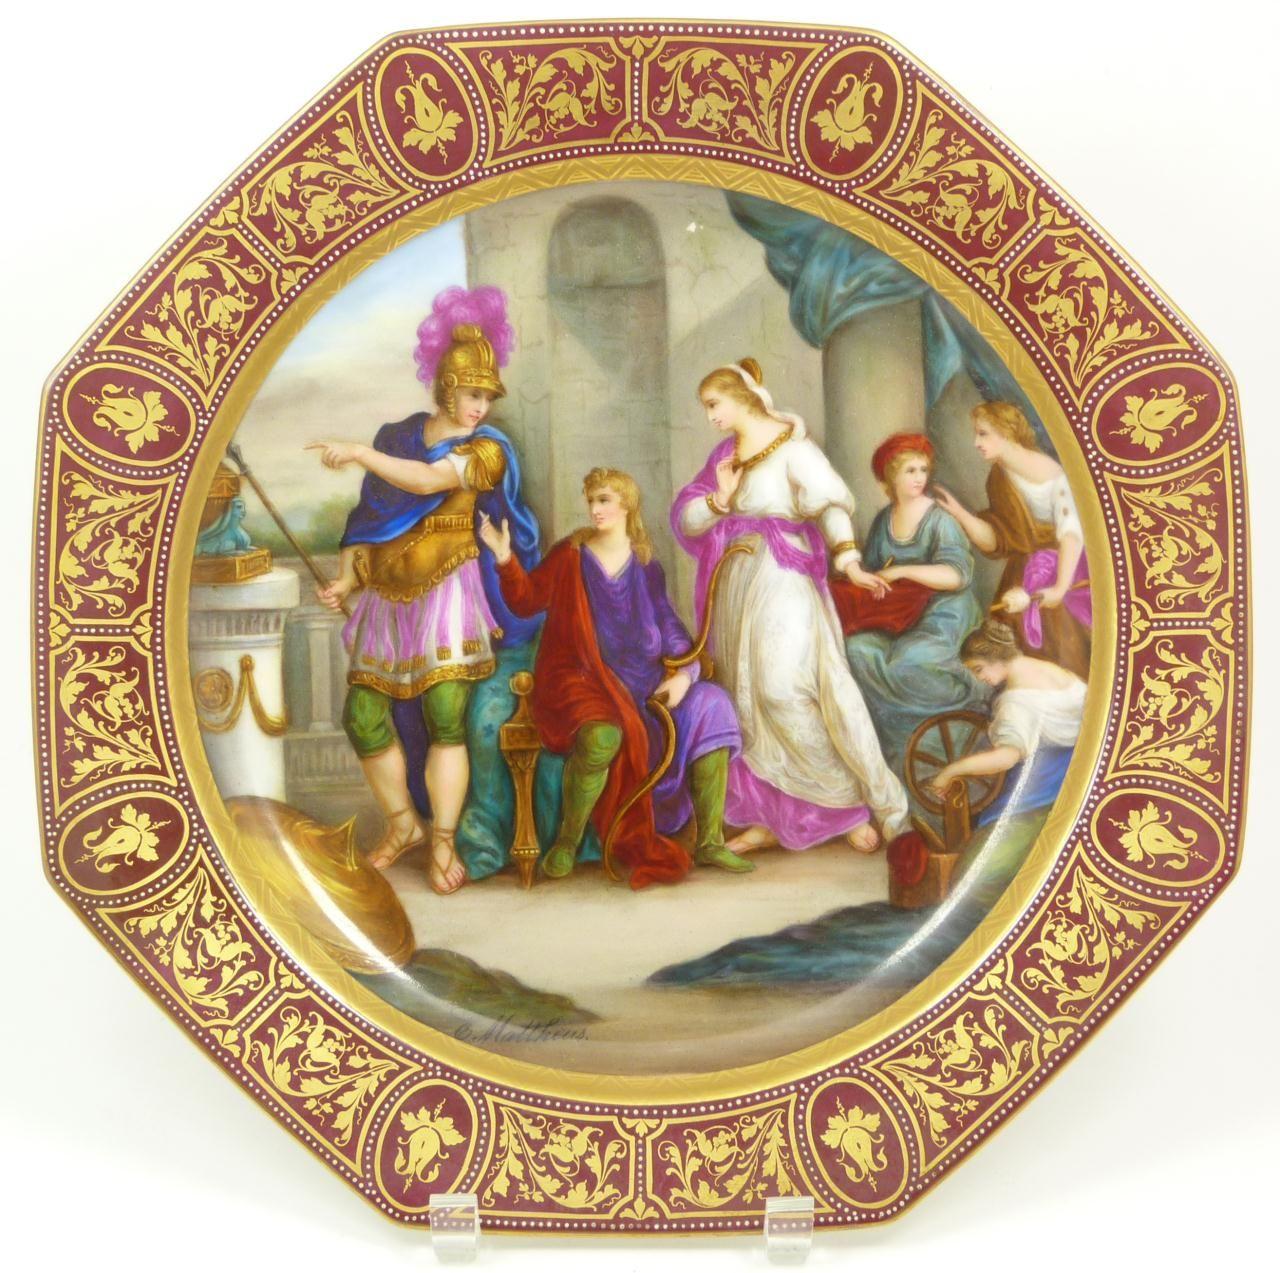 Royal Vienna Porcelain Portrait Plate Royal Vienna Porcelain Plates Pinterest Vienna